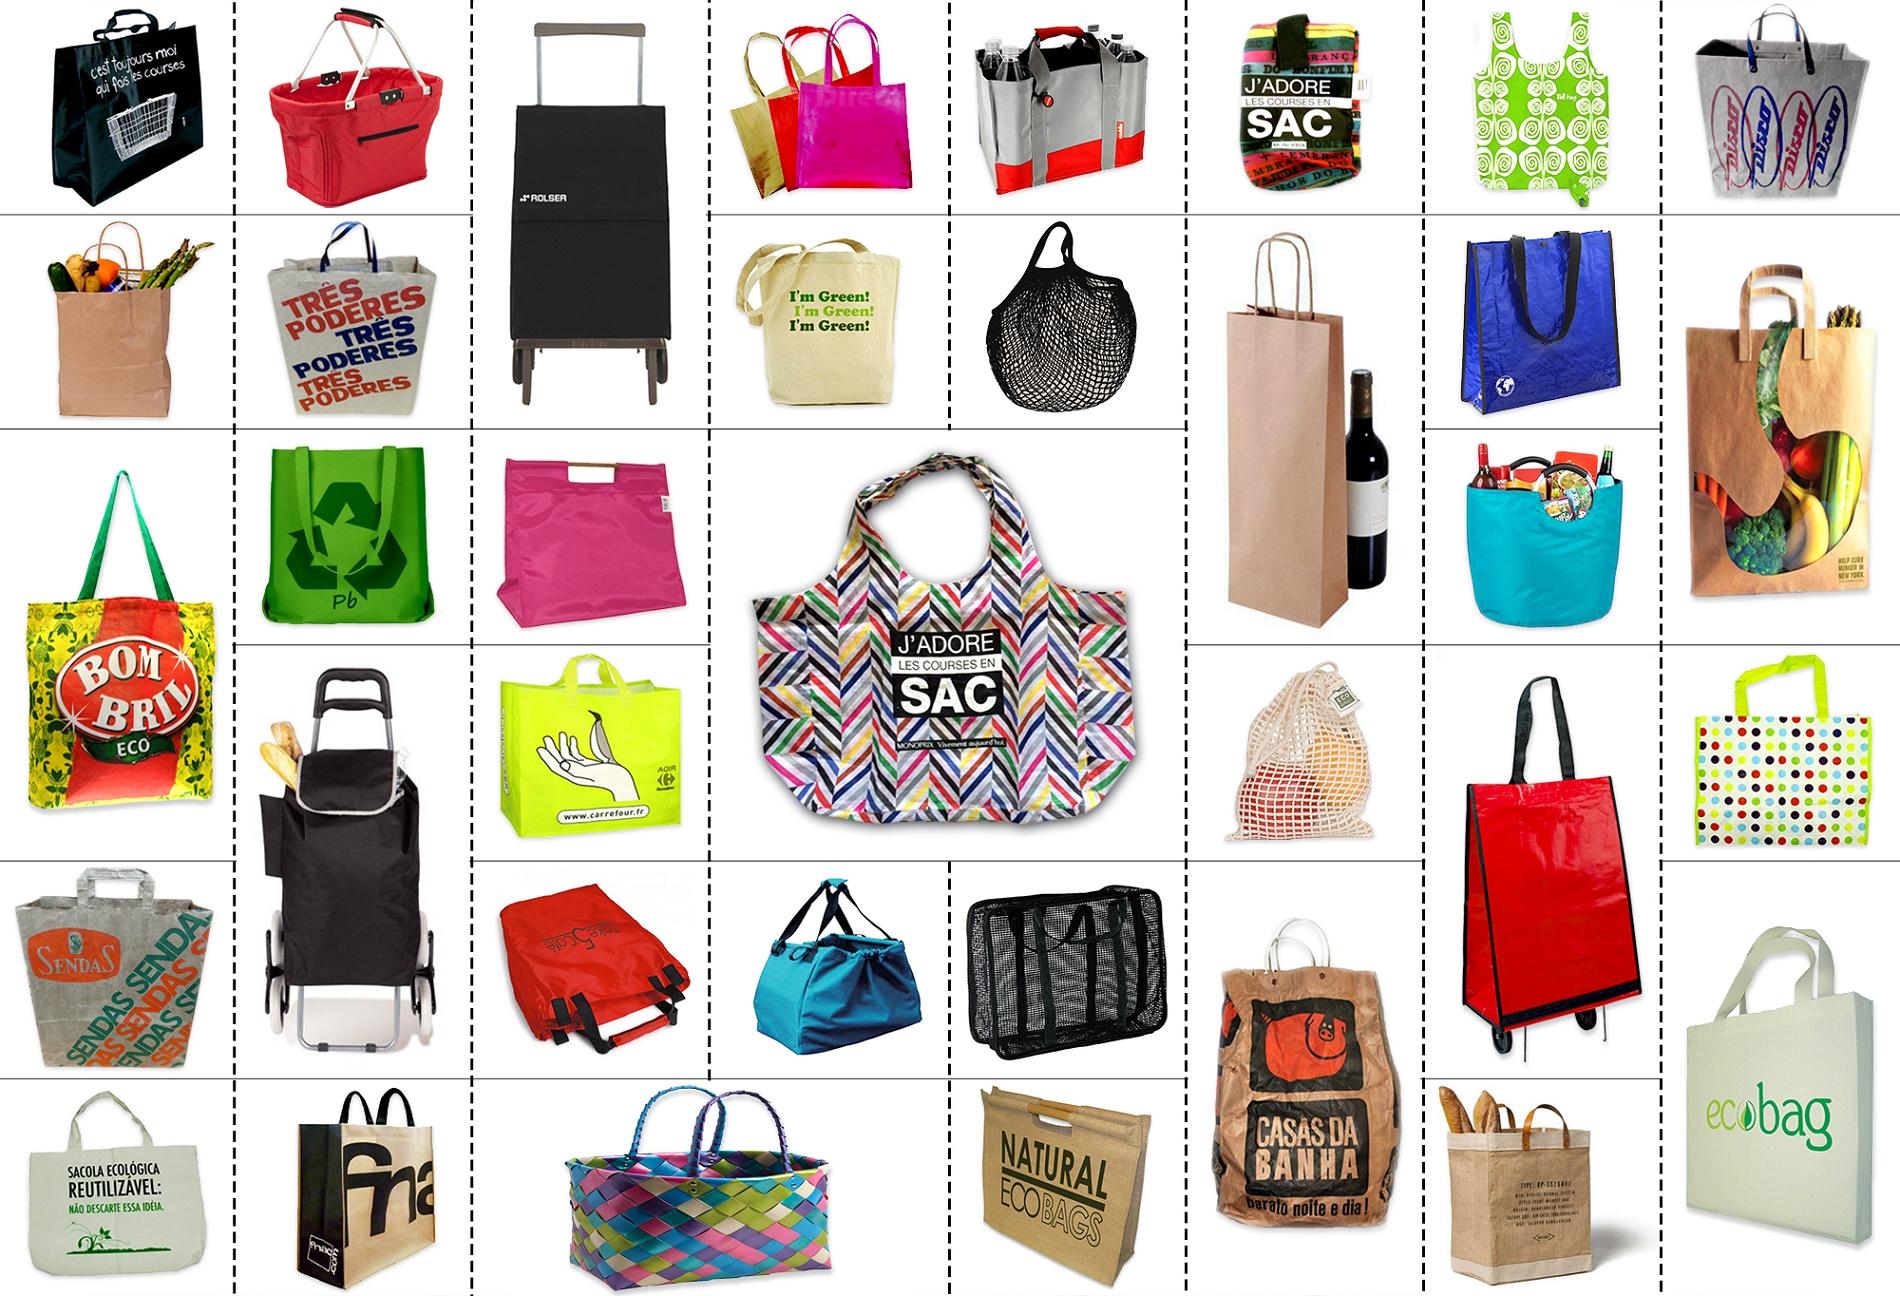 Sacolas de tecido, cestas de vime, estilosos carrinhos de feira e sacolas dobráveis que cabem na bolsa voltaram a ser moda na França